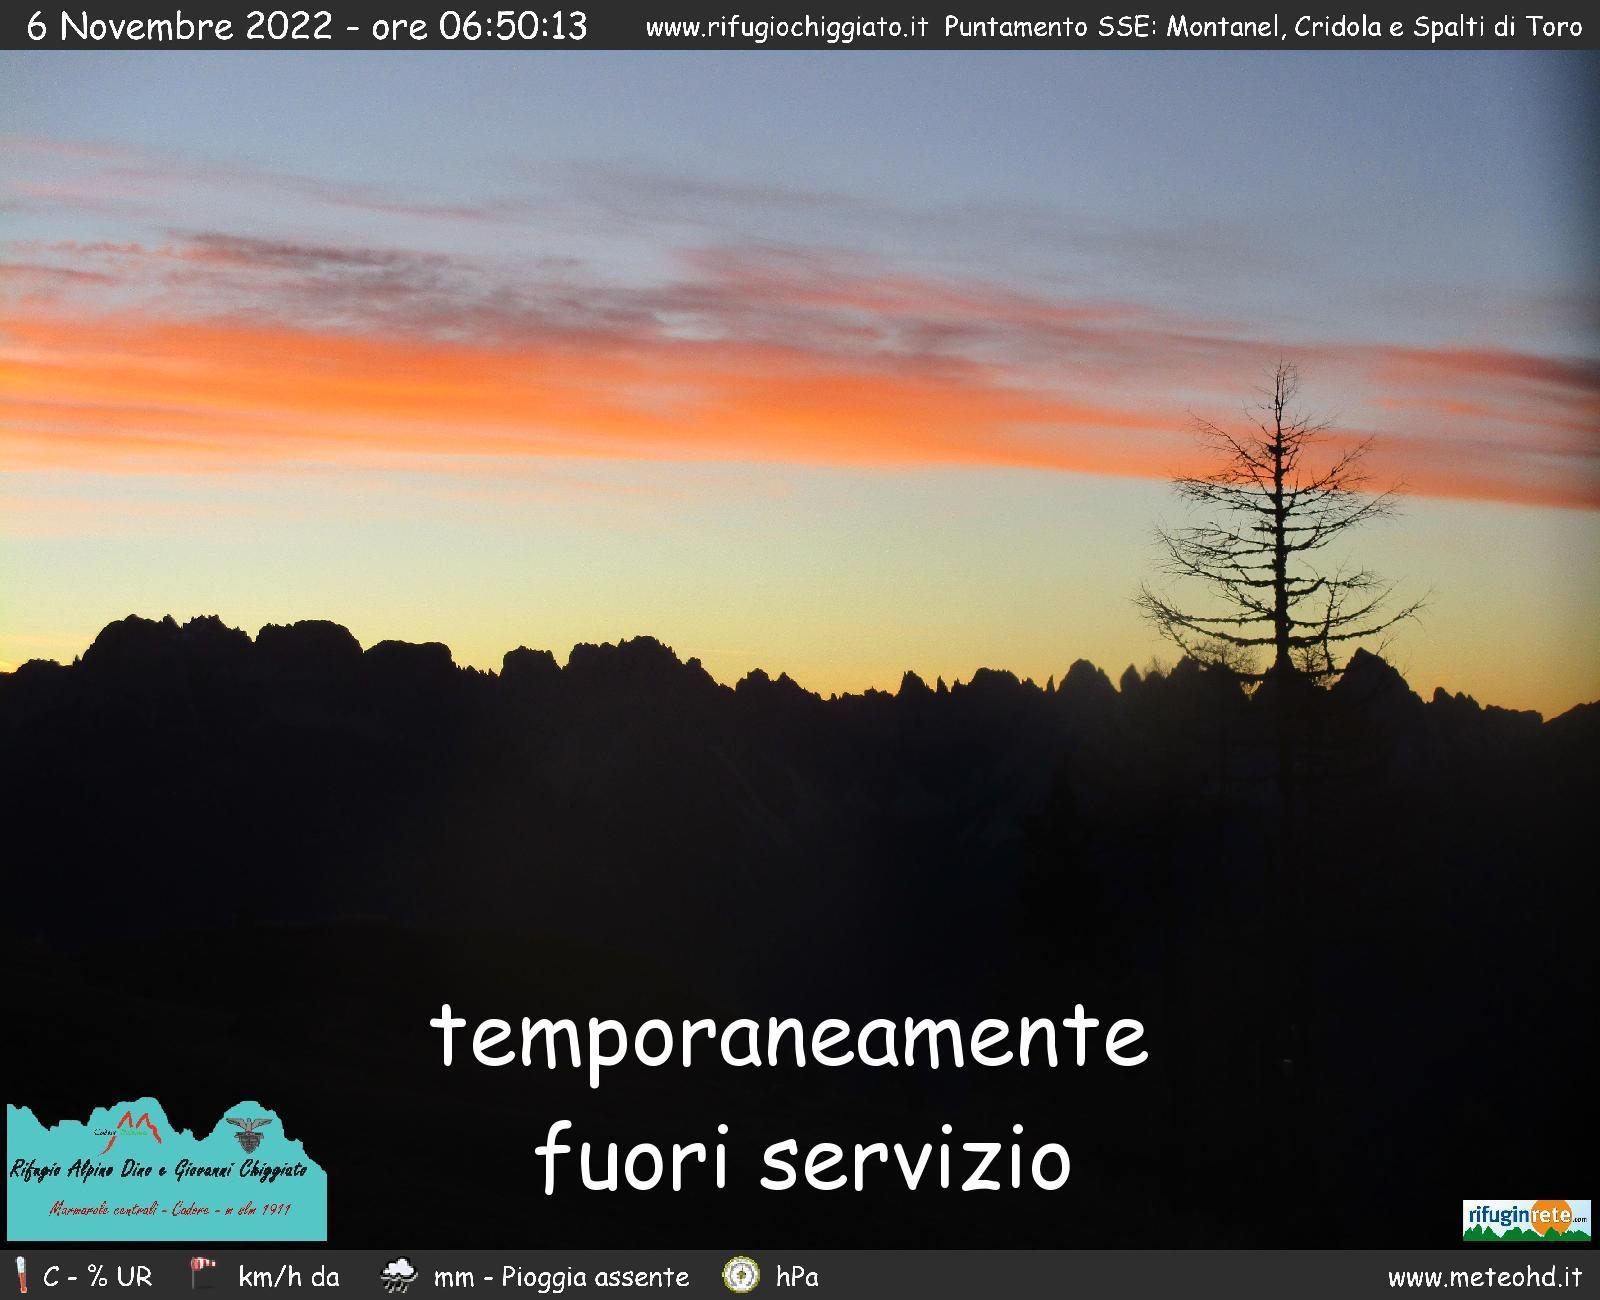 Rifugio Chiggiato - Montanel Cridula